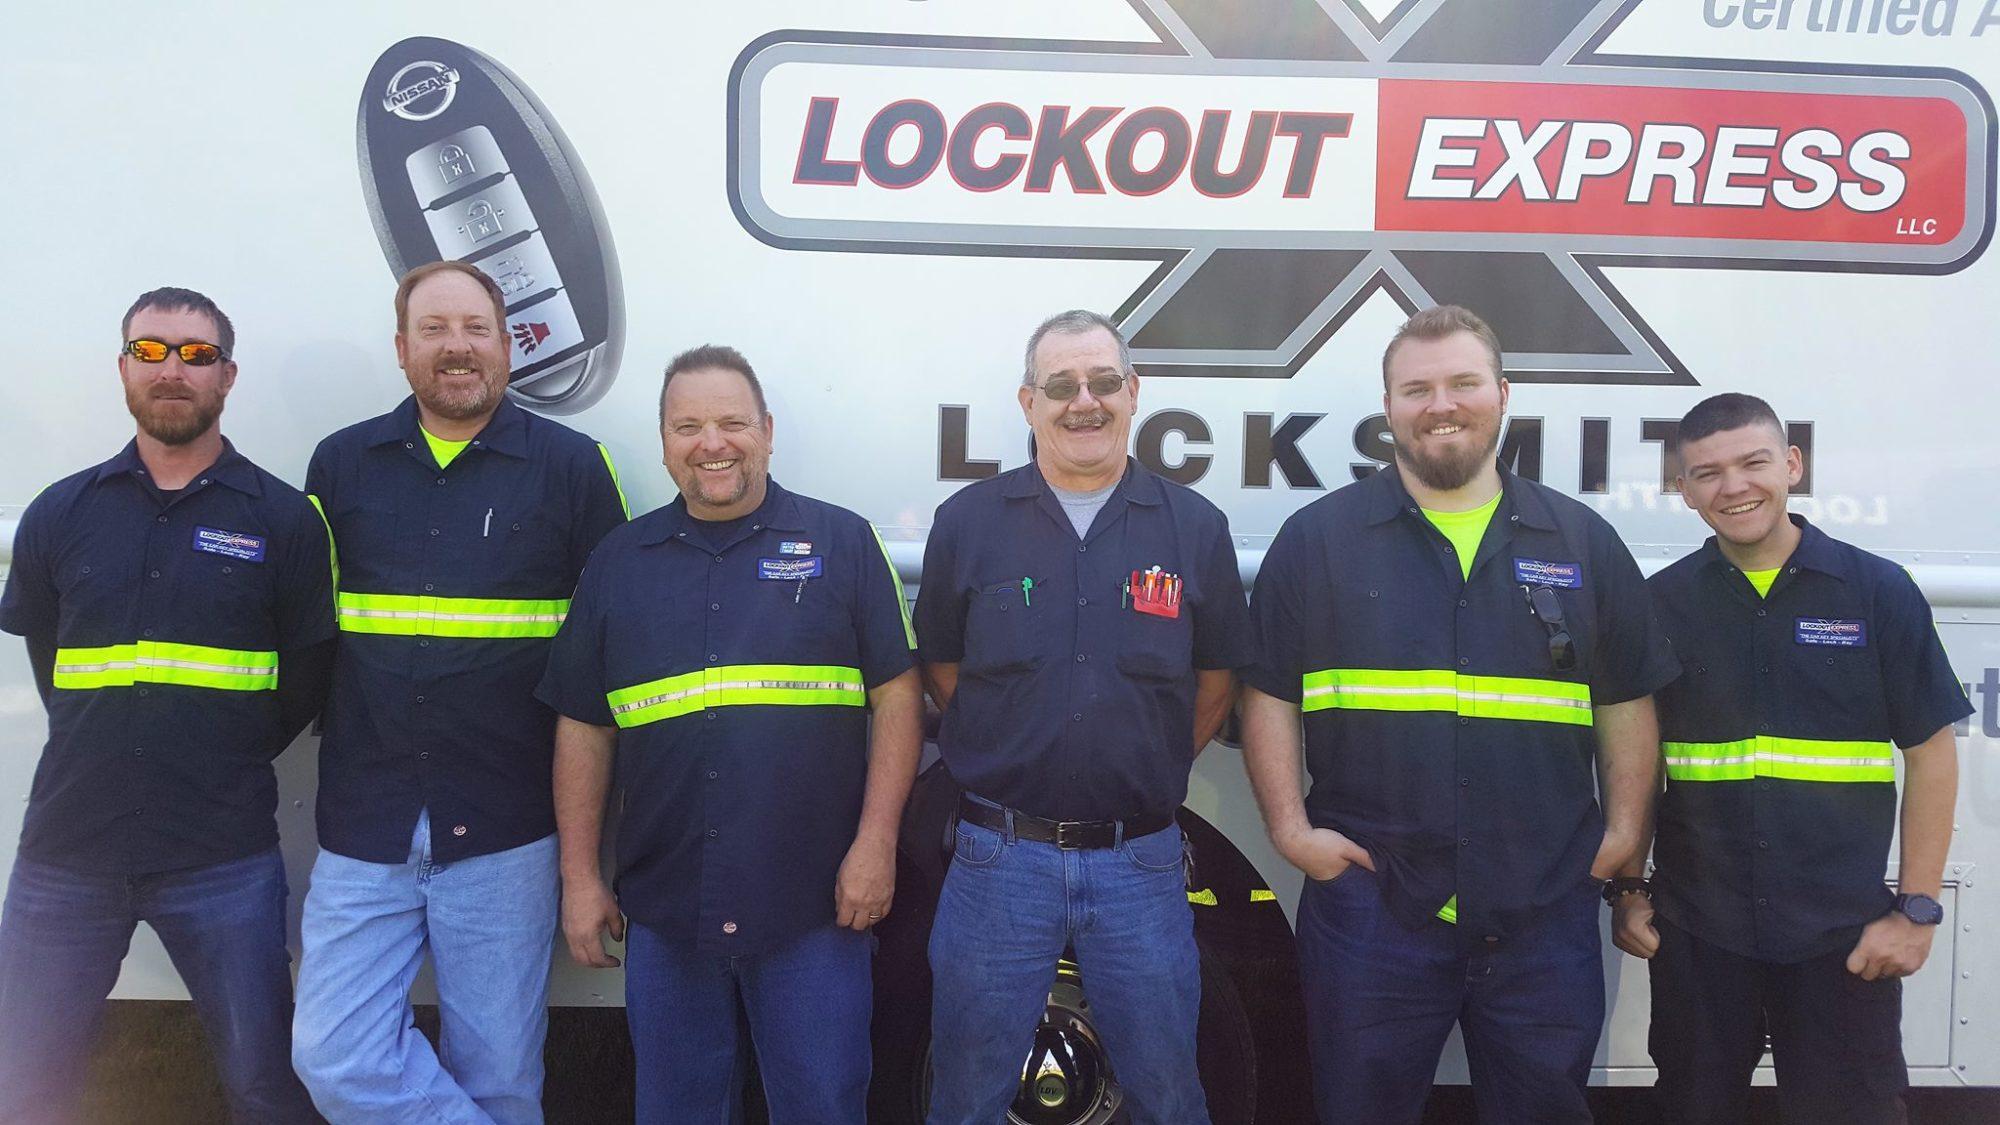 lockout express team